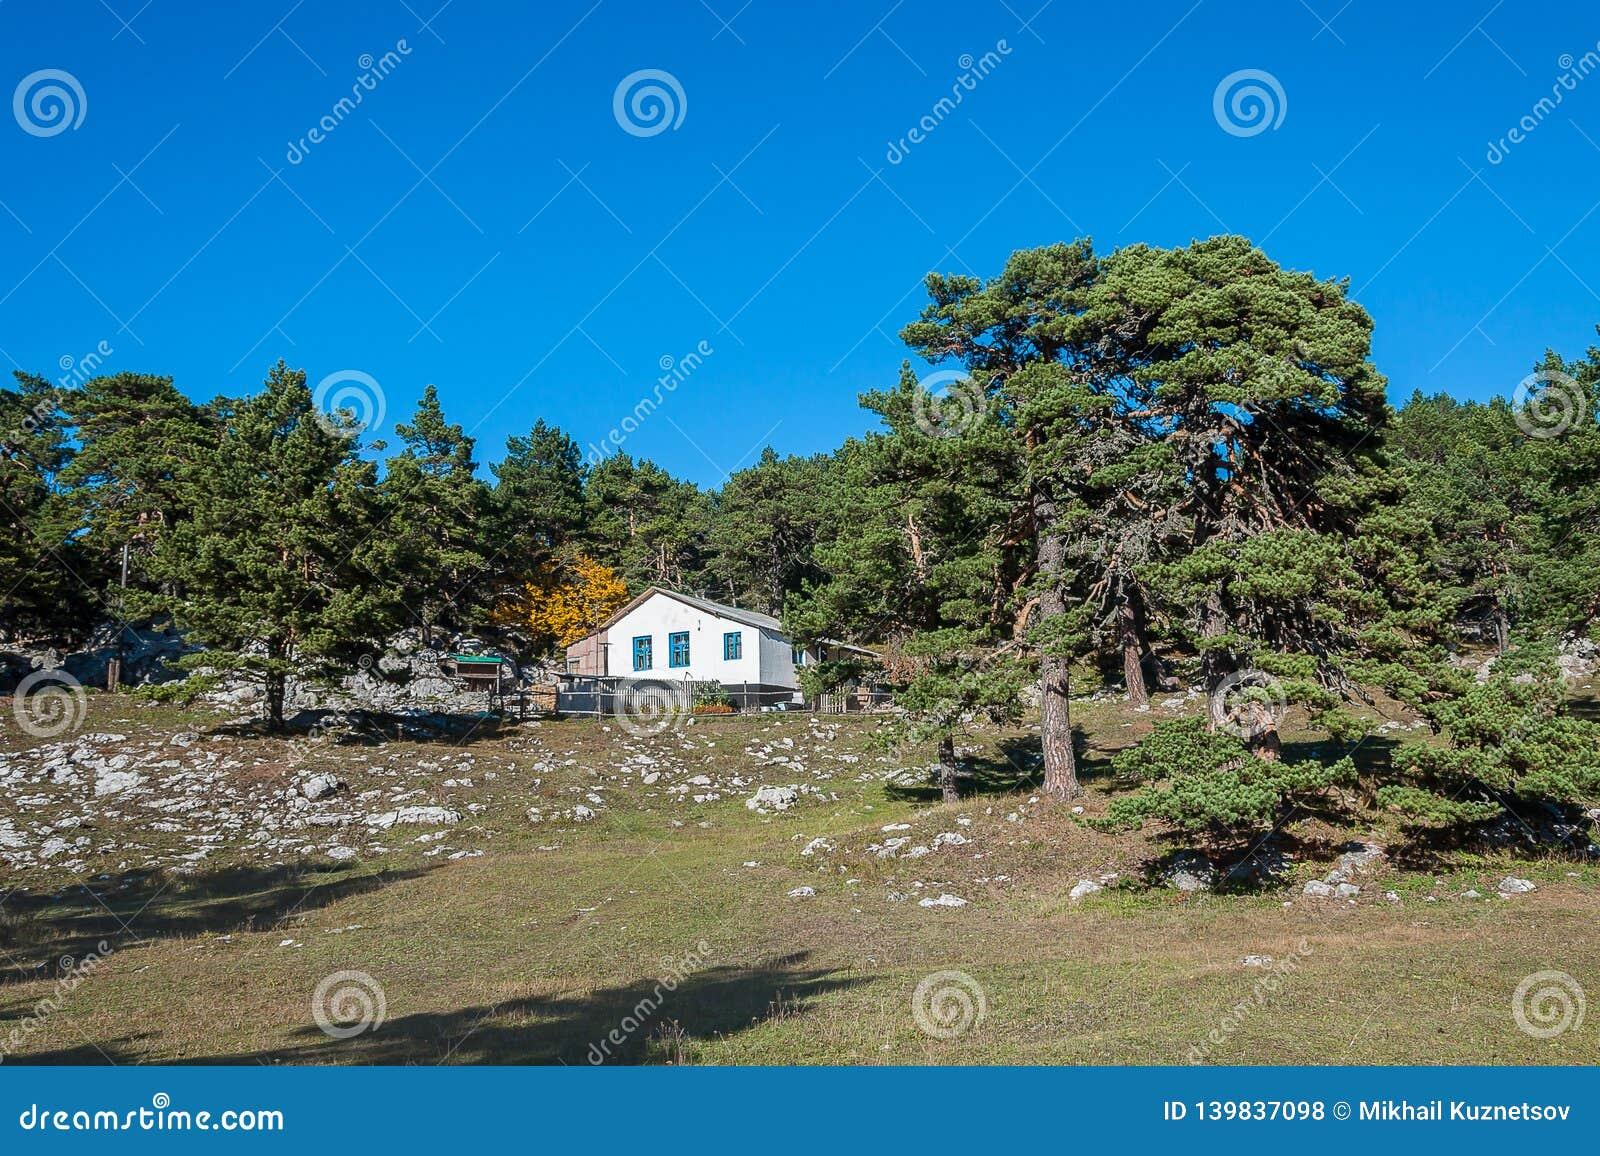 A cabana da guarda florestal entre árvores do século contra o céu azul